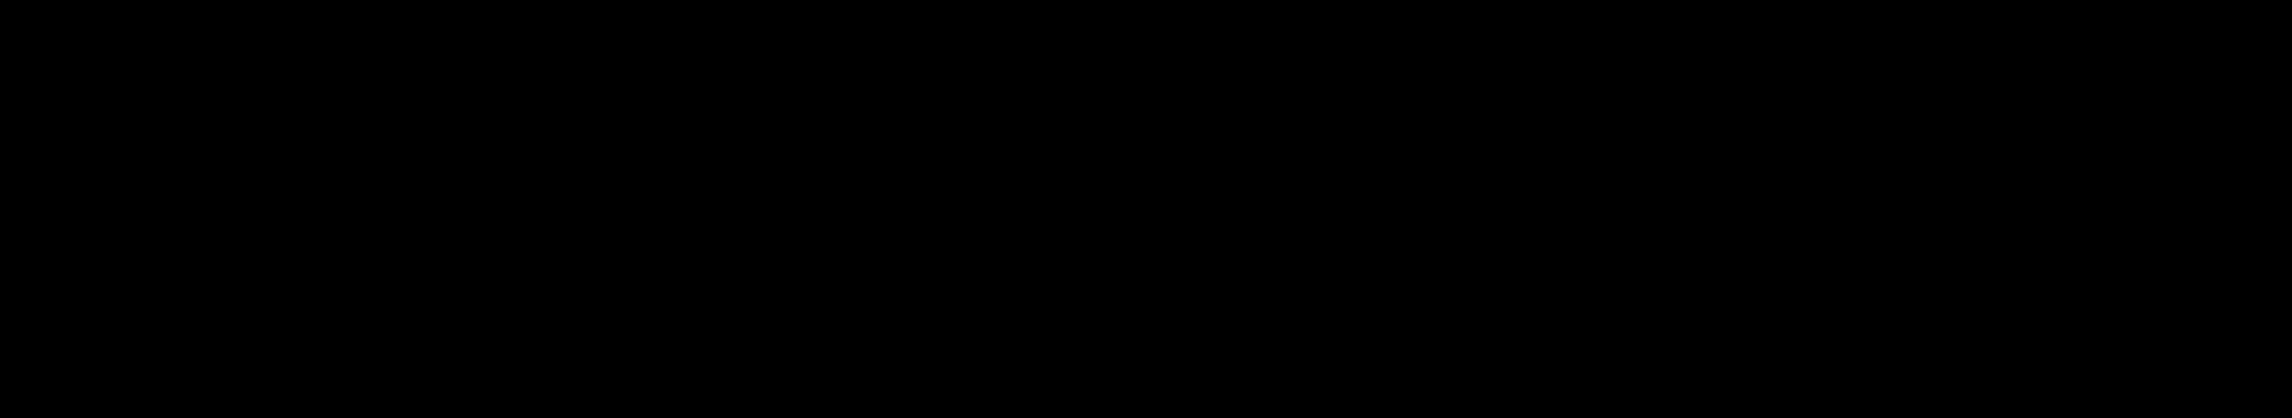 anvi.com.ua